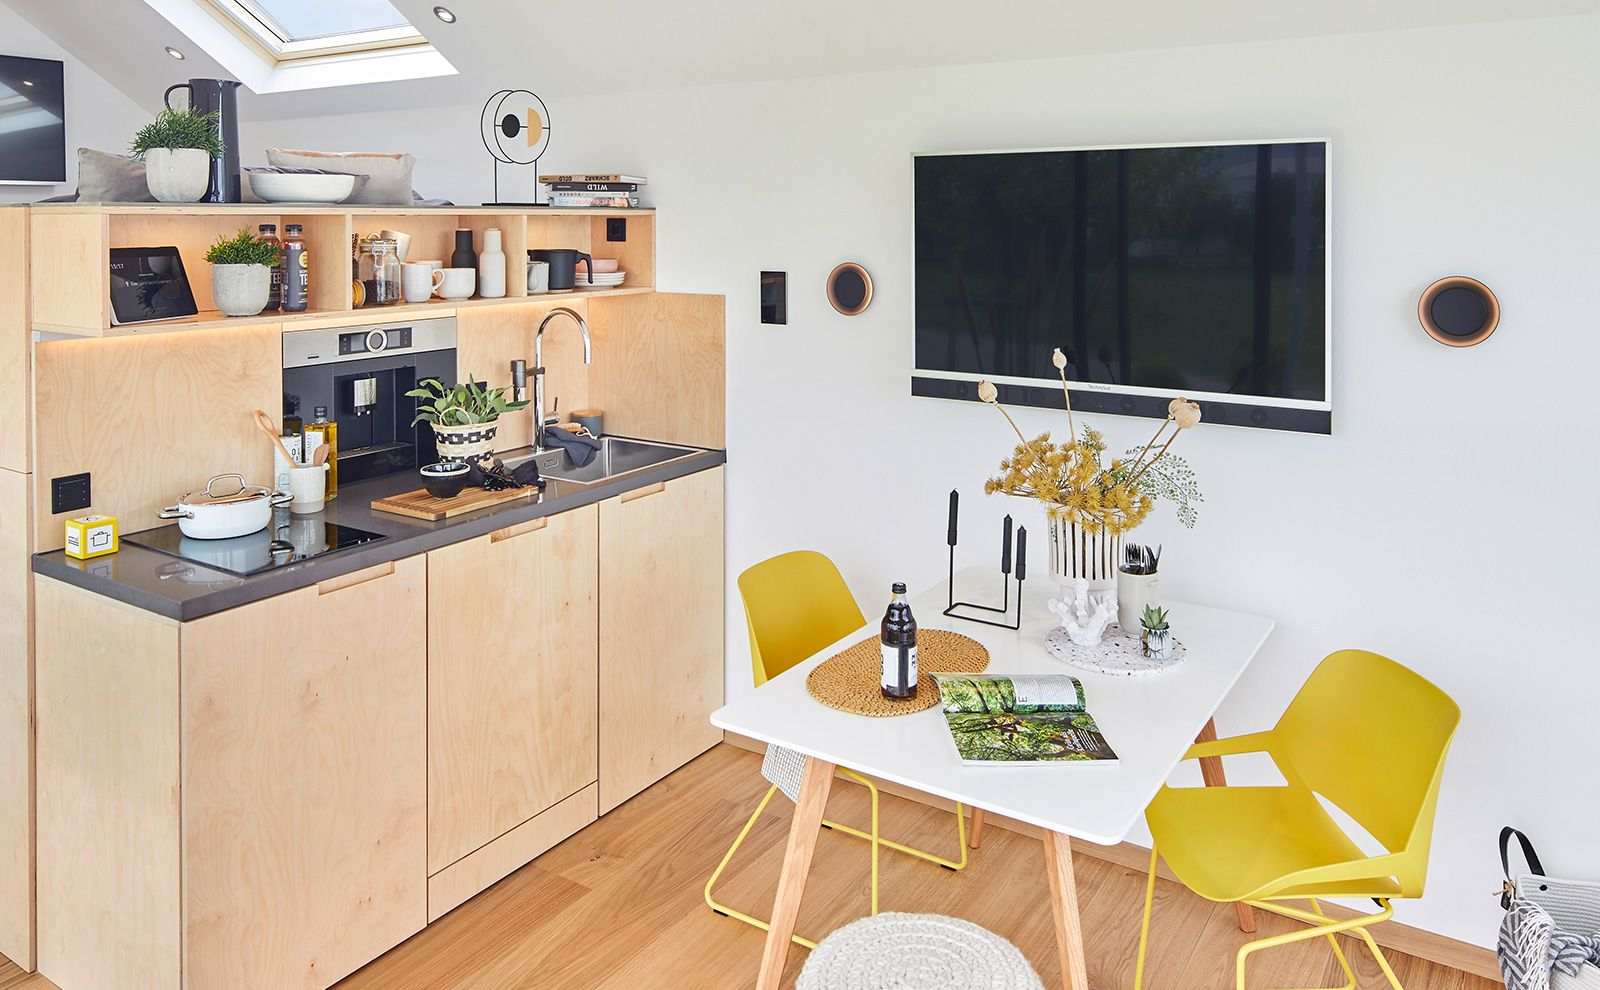 Küchenbereich im Wohnglück SMARTHAUS mit Gira E2 Rahmen